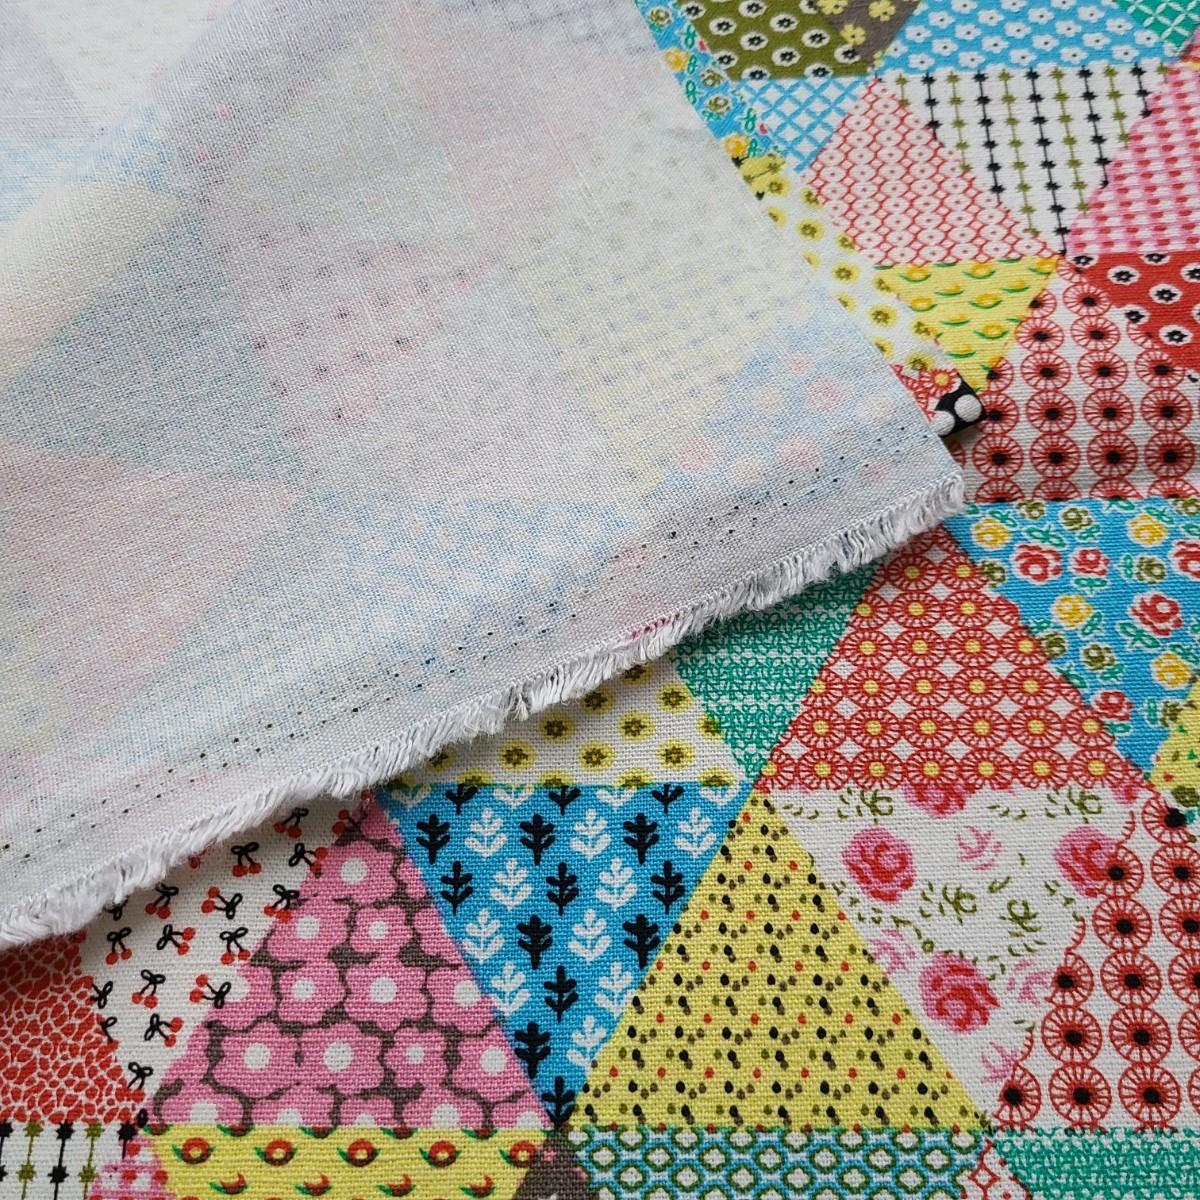 三角模様 キャンパス リネン 輸入生地 ハギレ 北欧 カットクロス 花柄 帆布